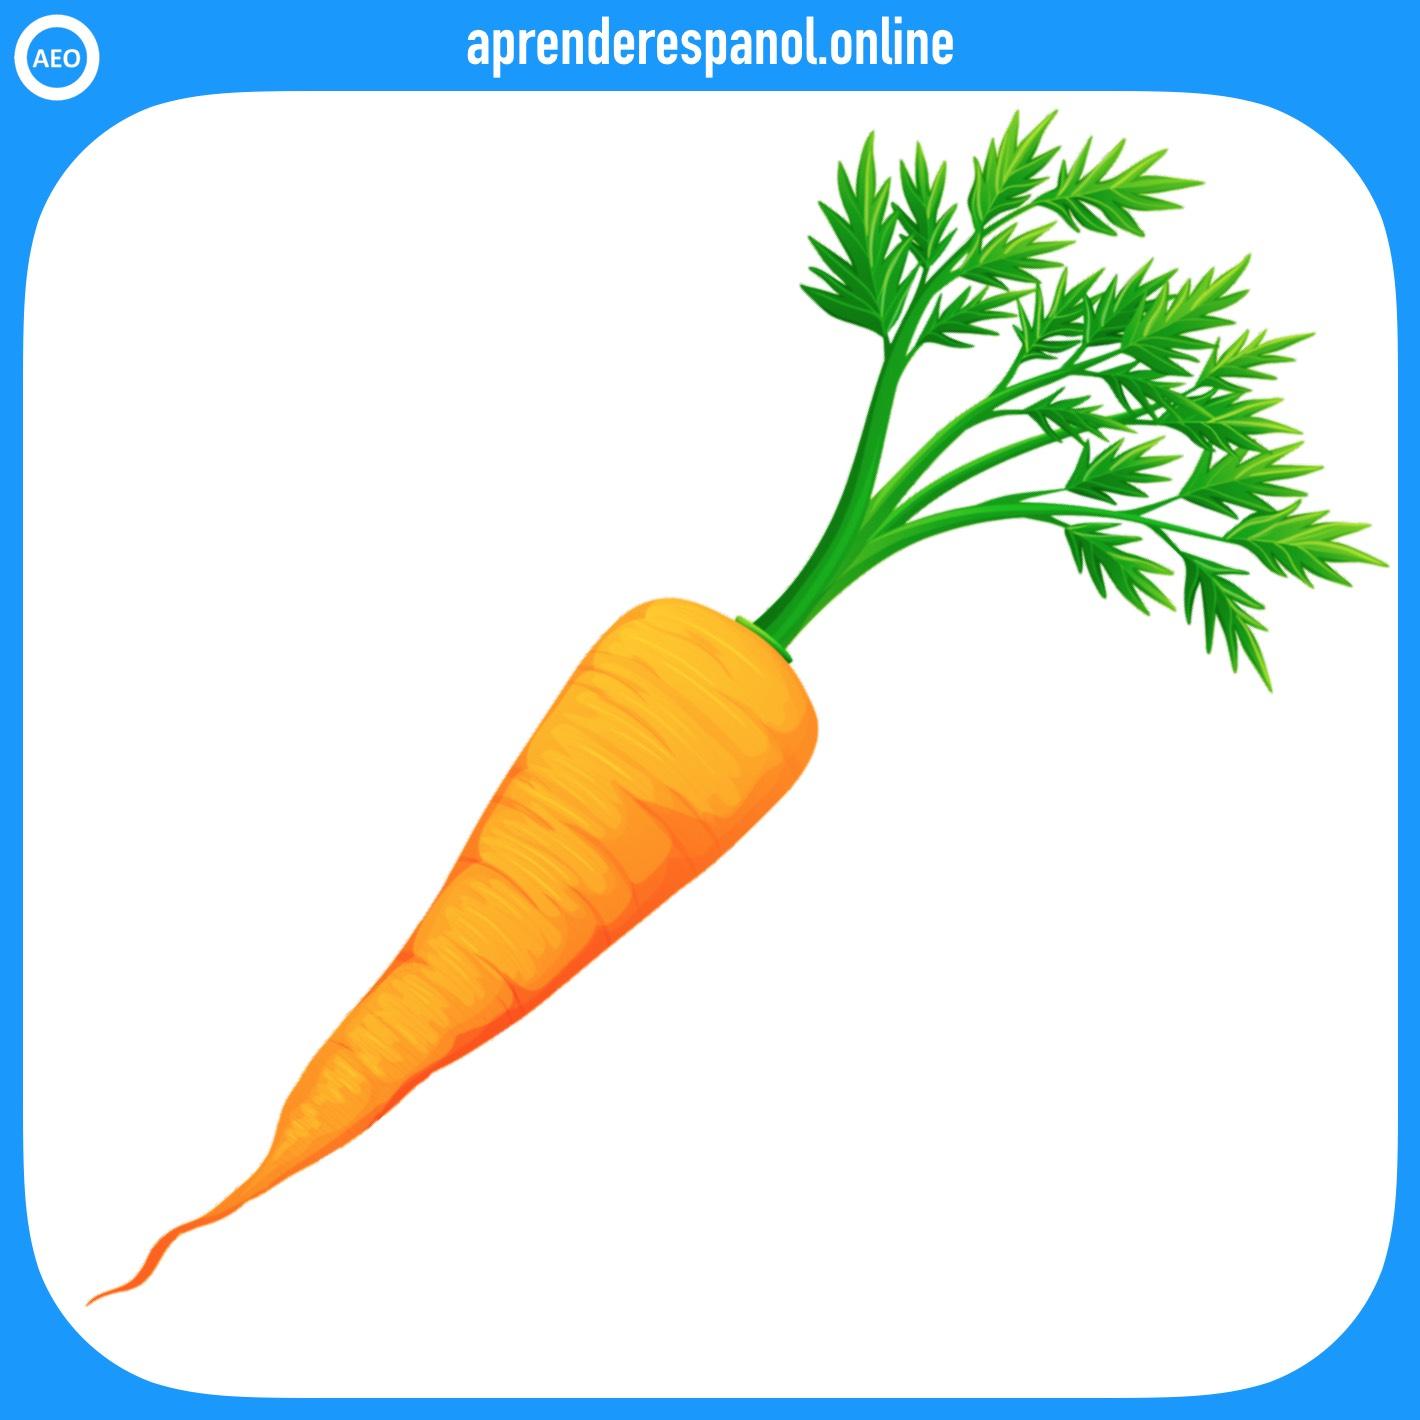 zanahoria | verduras en español | vocabulario de las verduras en español